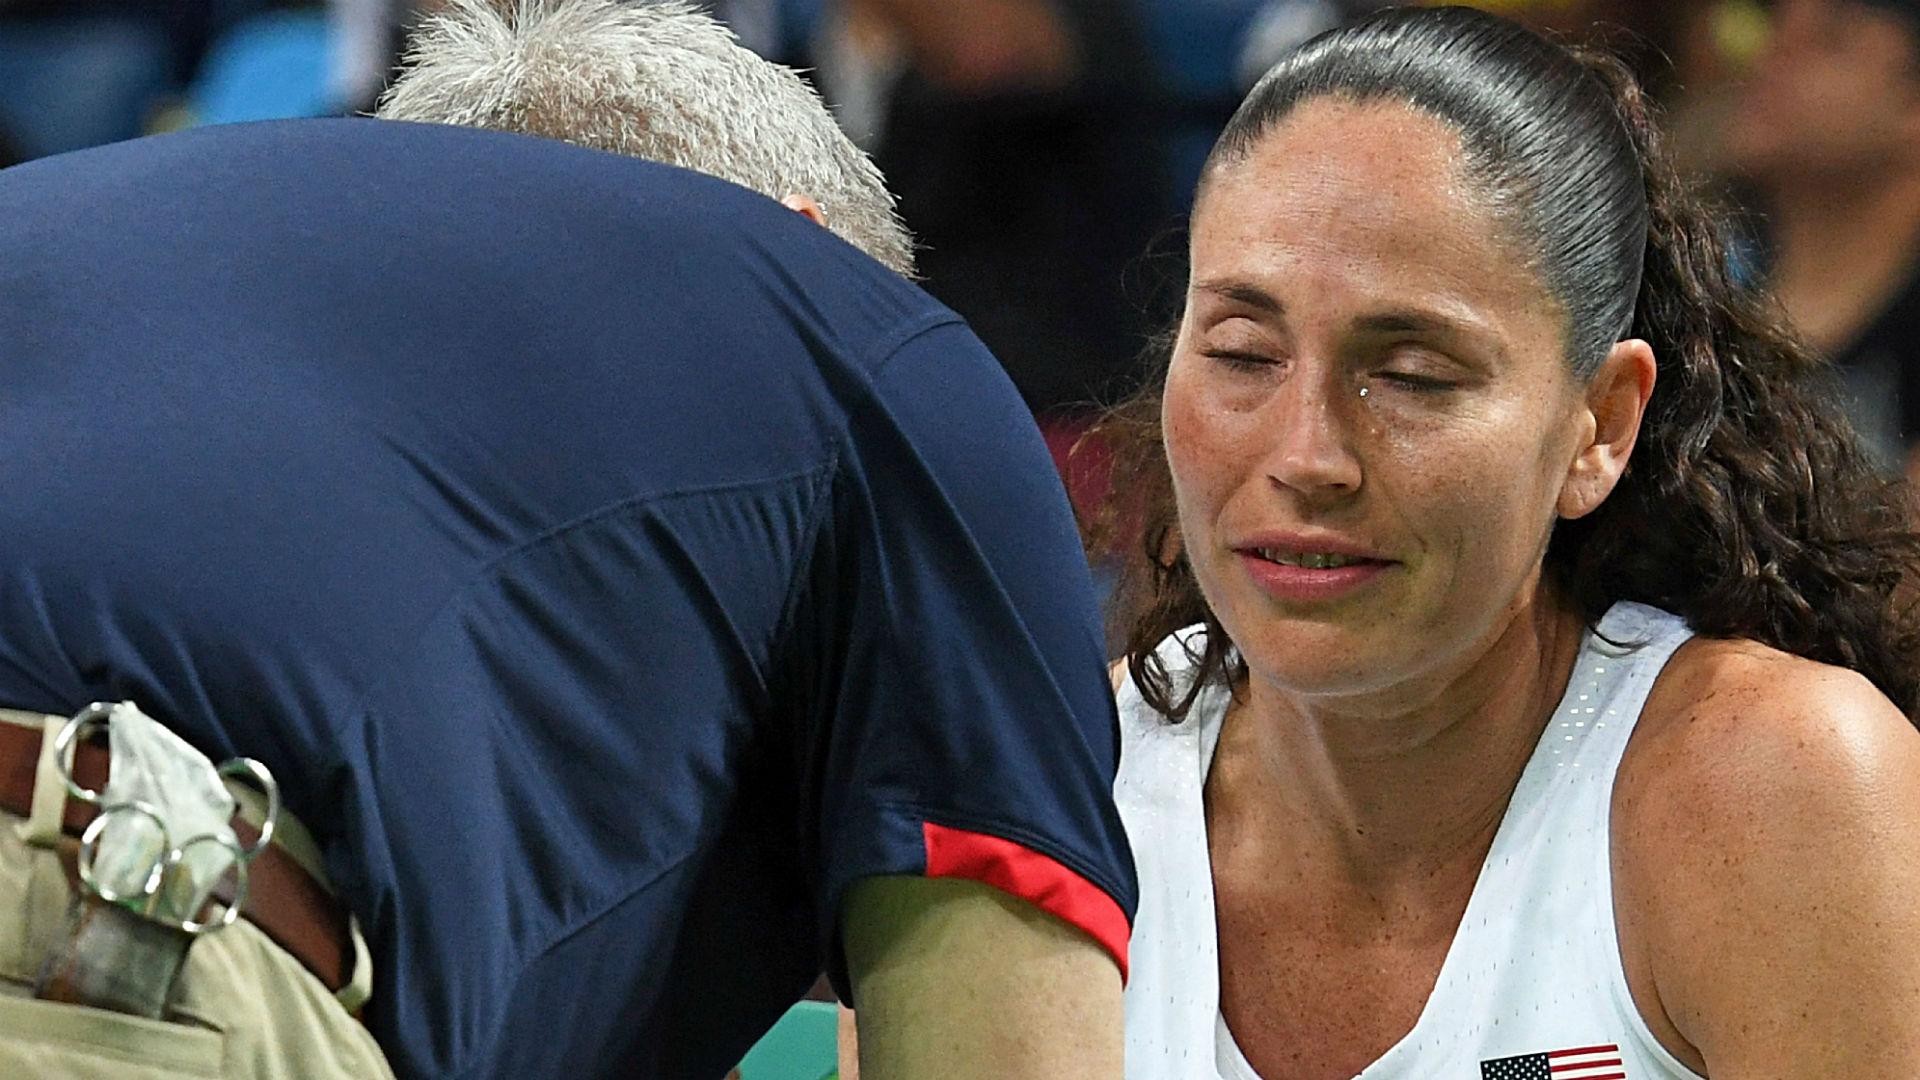 Rio Olympics 2016: Sue Bird injury creates smidge of drama ...